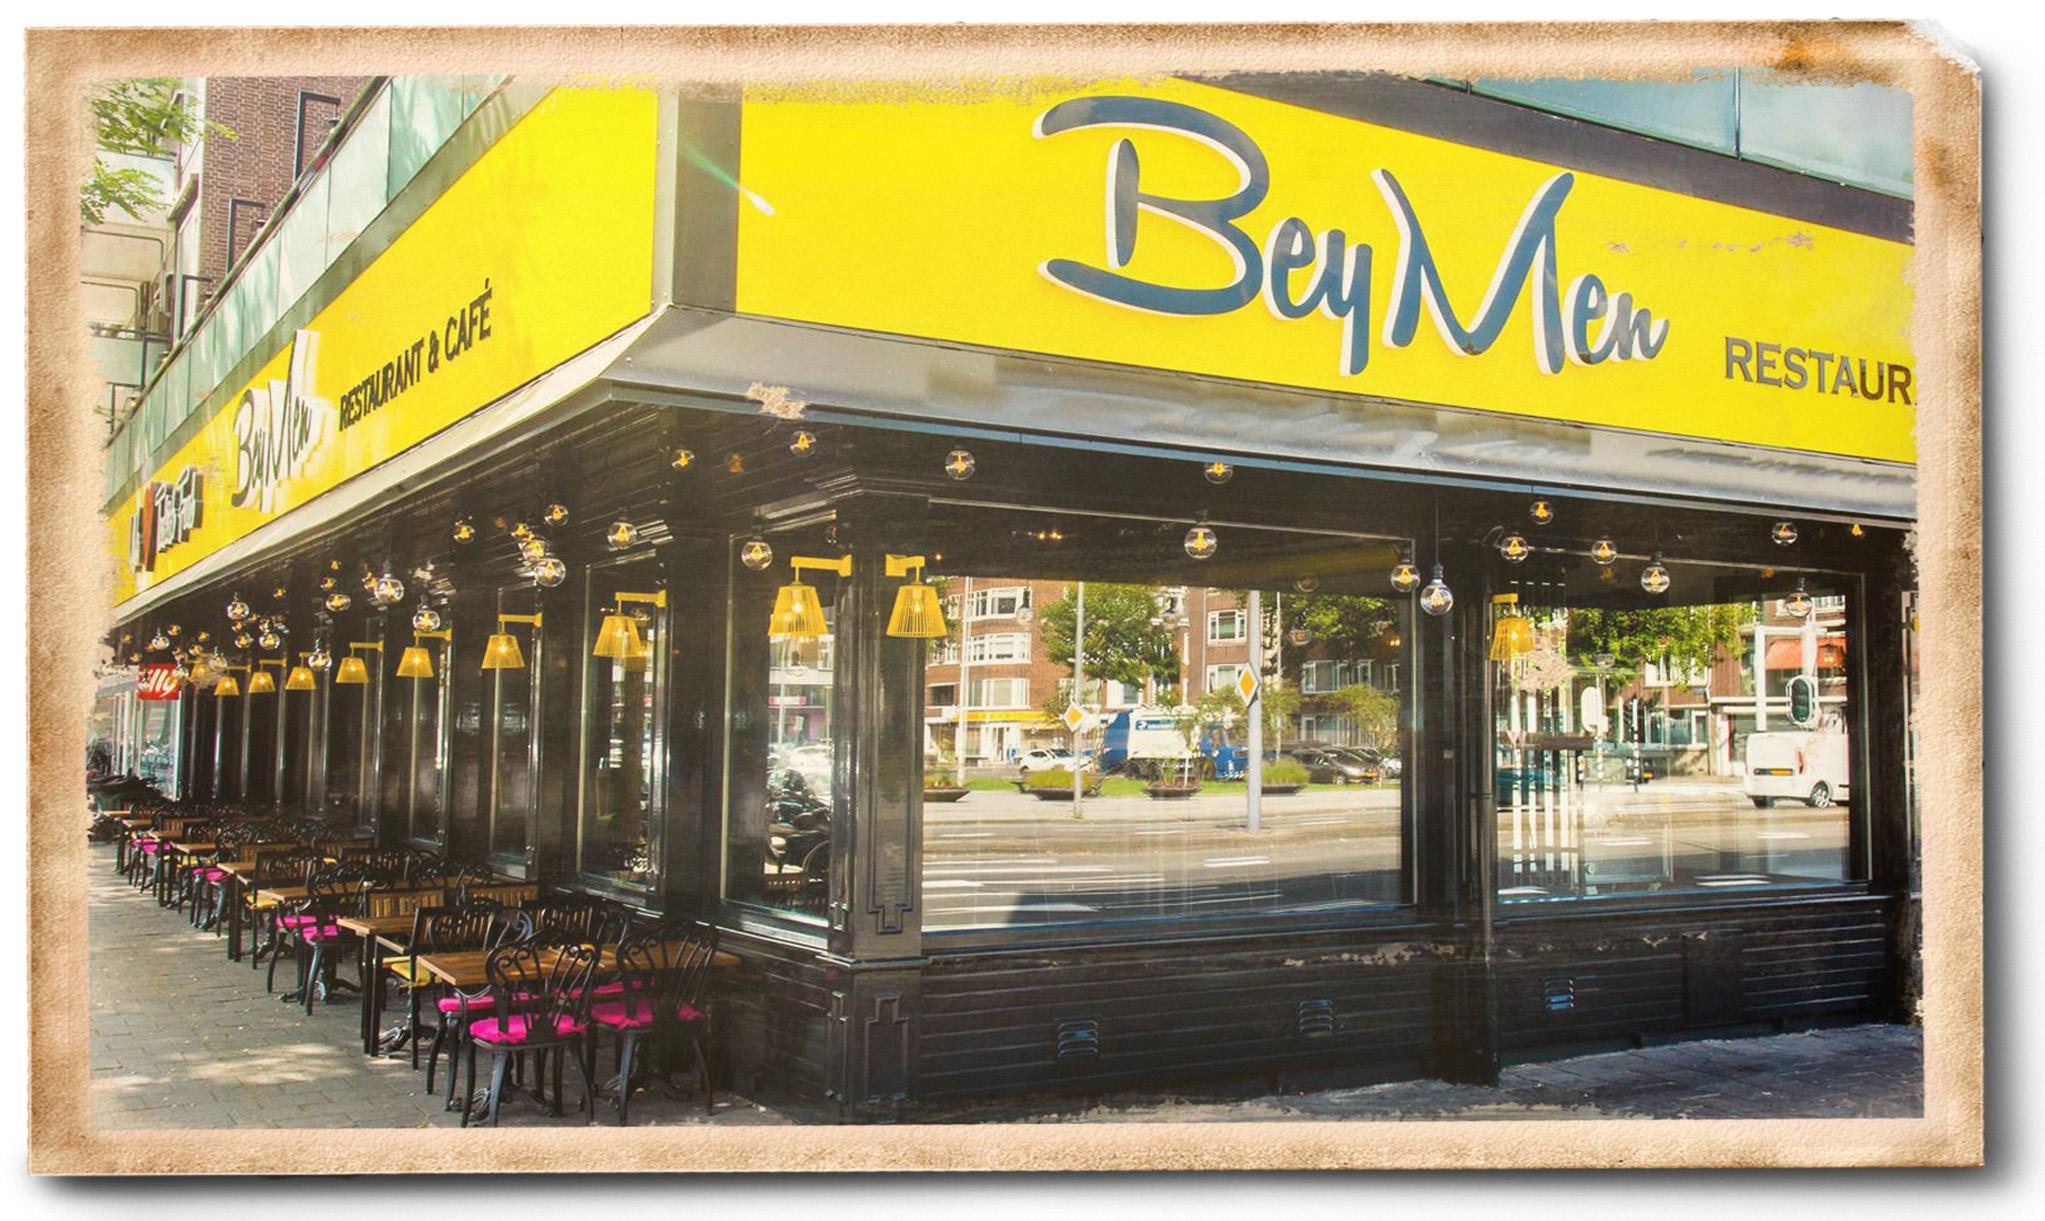 Beymen rotterdam turks restaurant rotterdam for Turkse restaurant amsterdam west